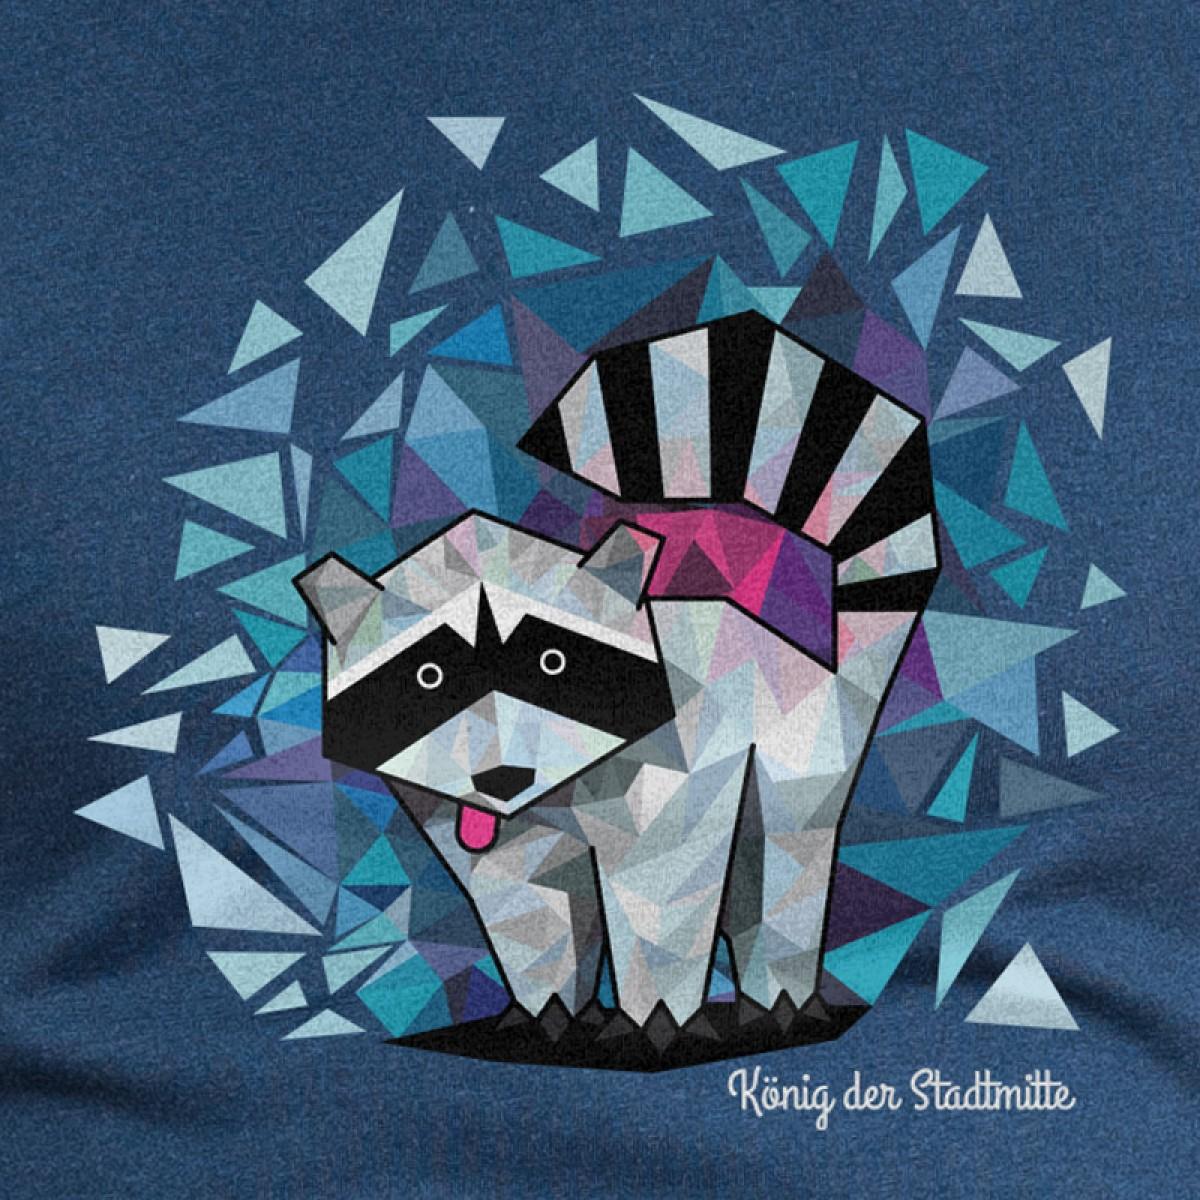 Julius Muschalek - König der Stadtmitte - Organic Cotton T-Shirt